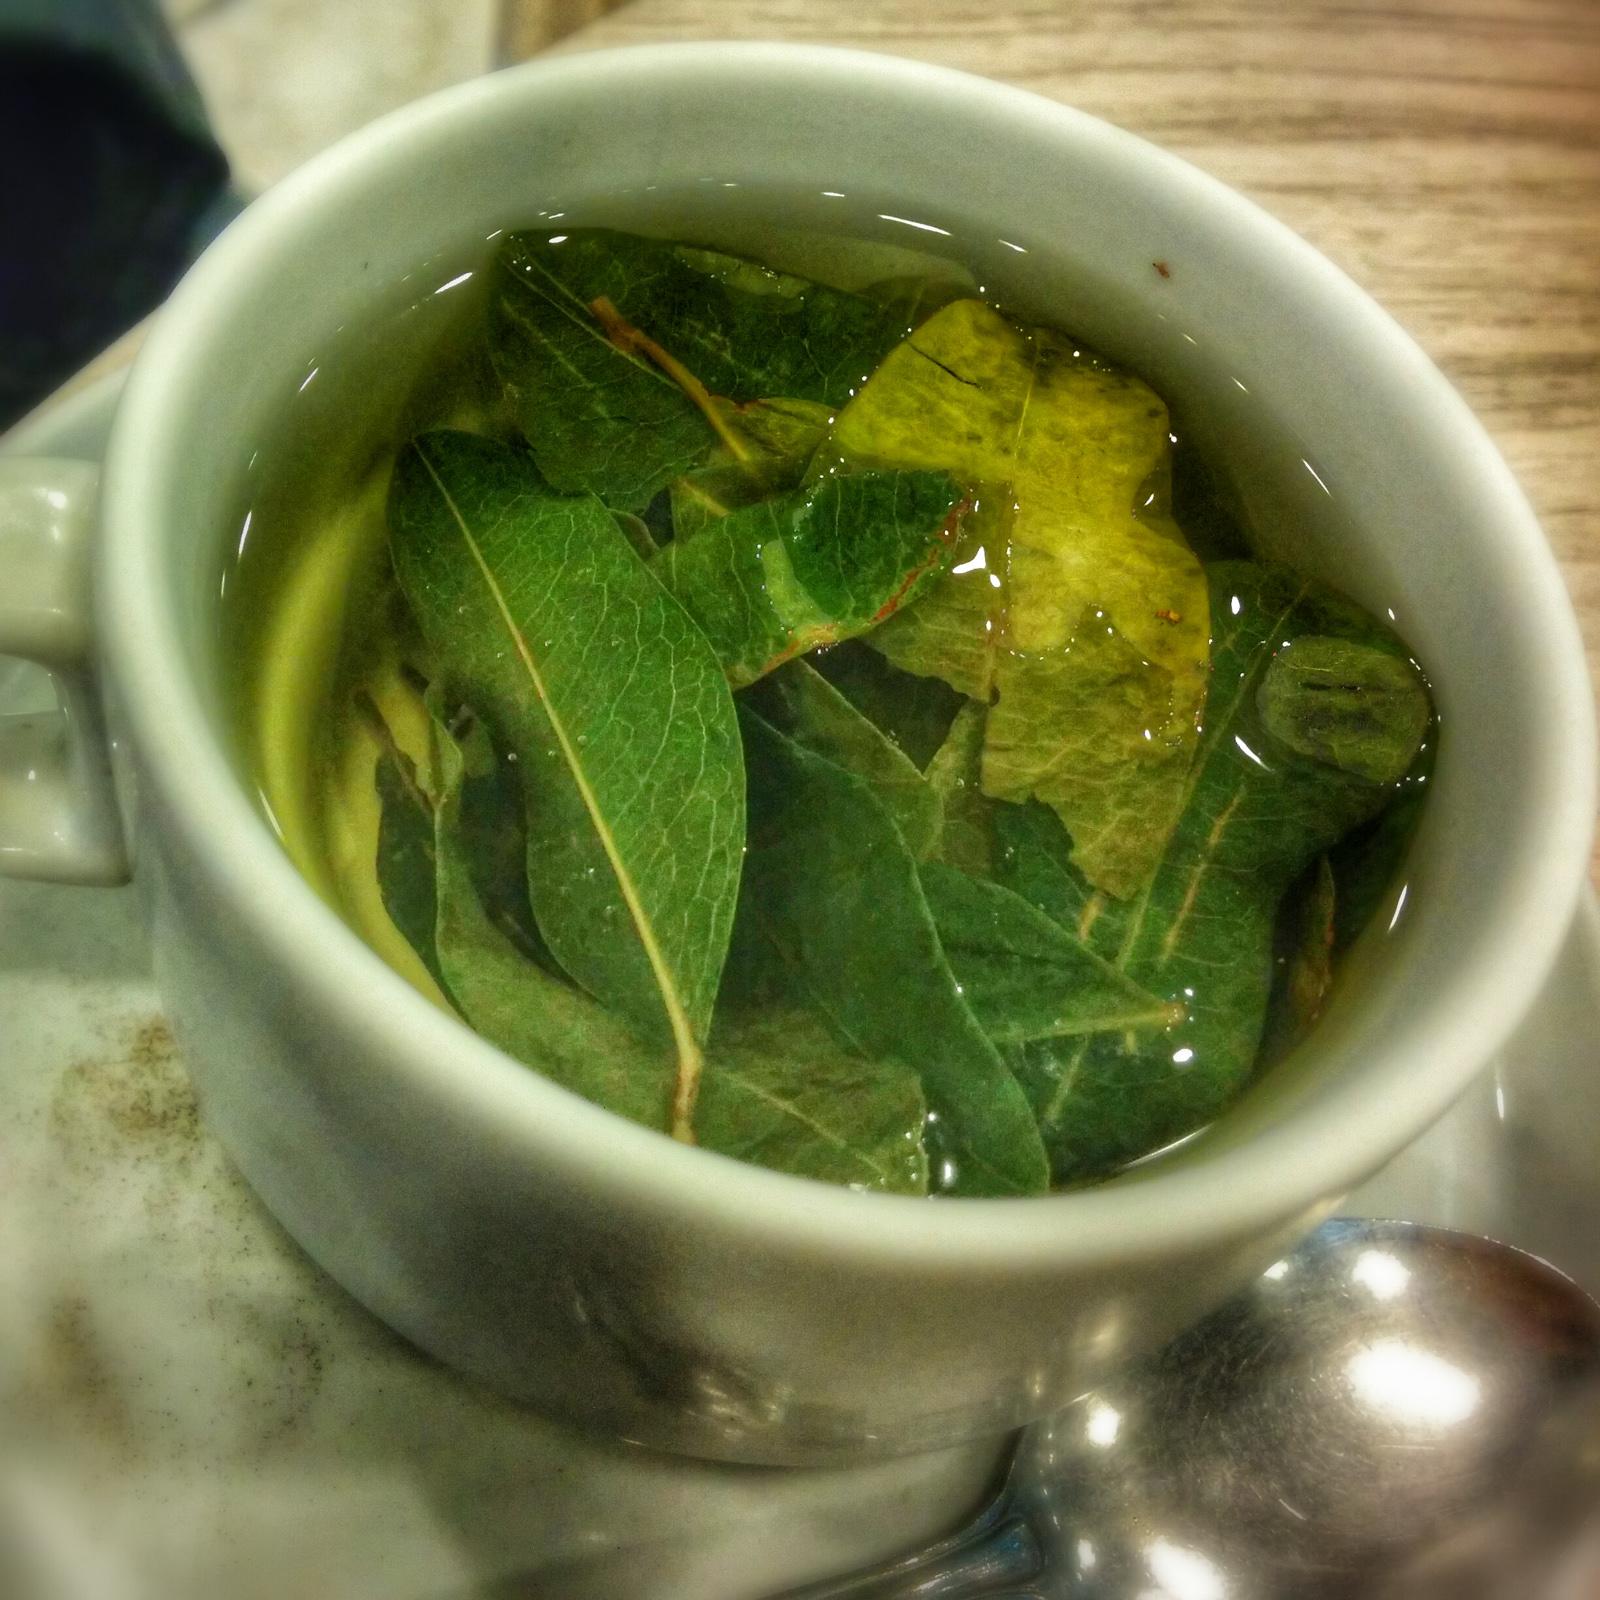 Una tazza di mate de coca con infusione di foglie